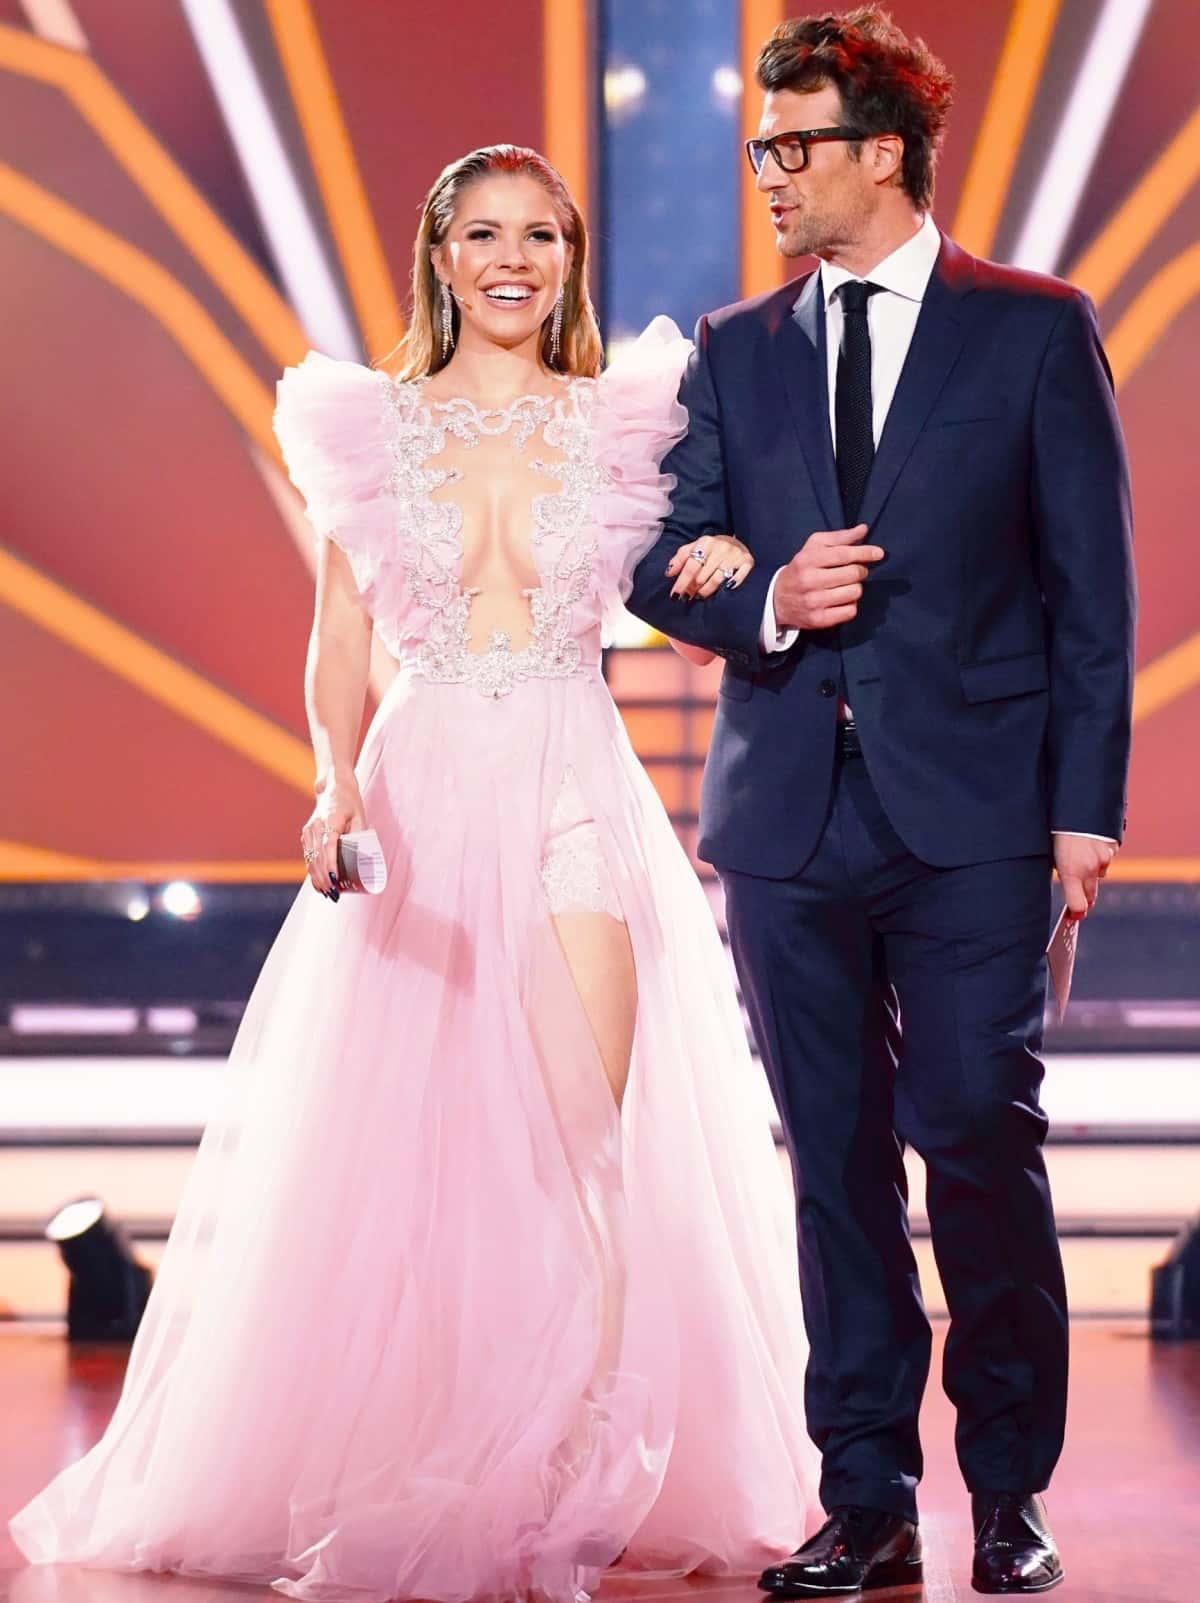 Victoria Swarovski und Daniel Hartwich - Moderatoren bei Let's dance am 27.6.2019